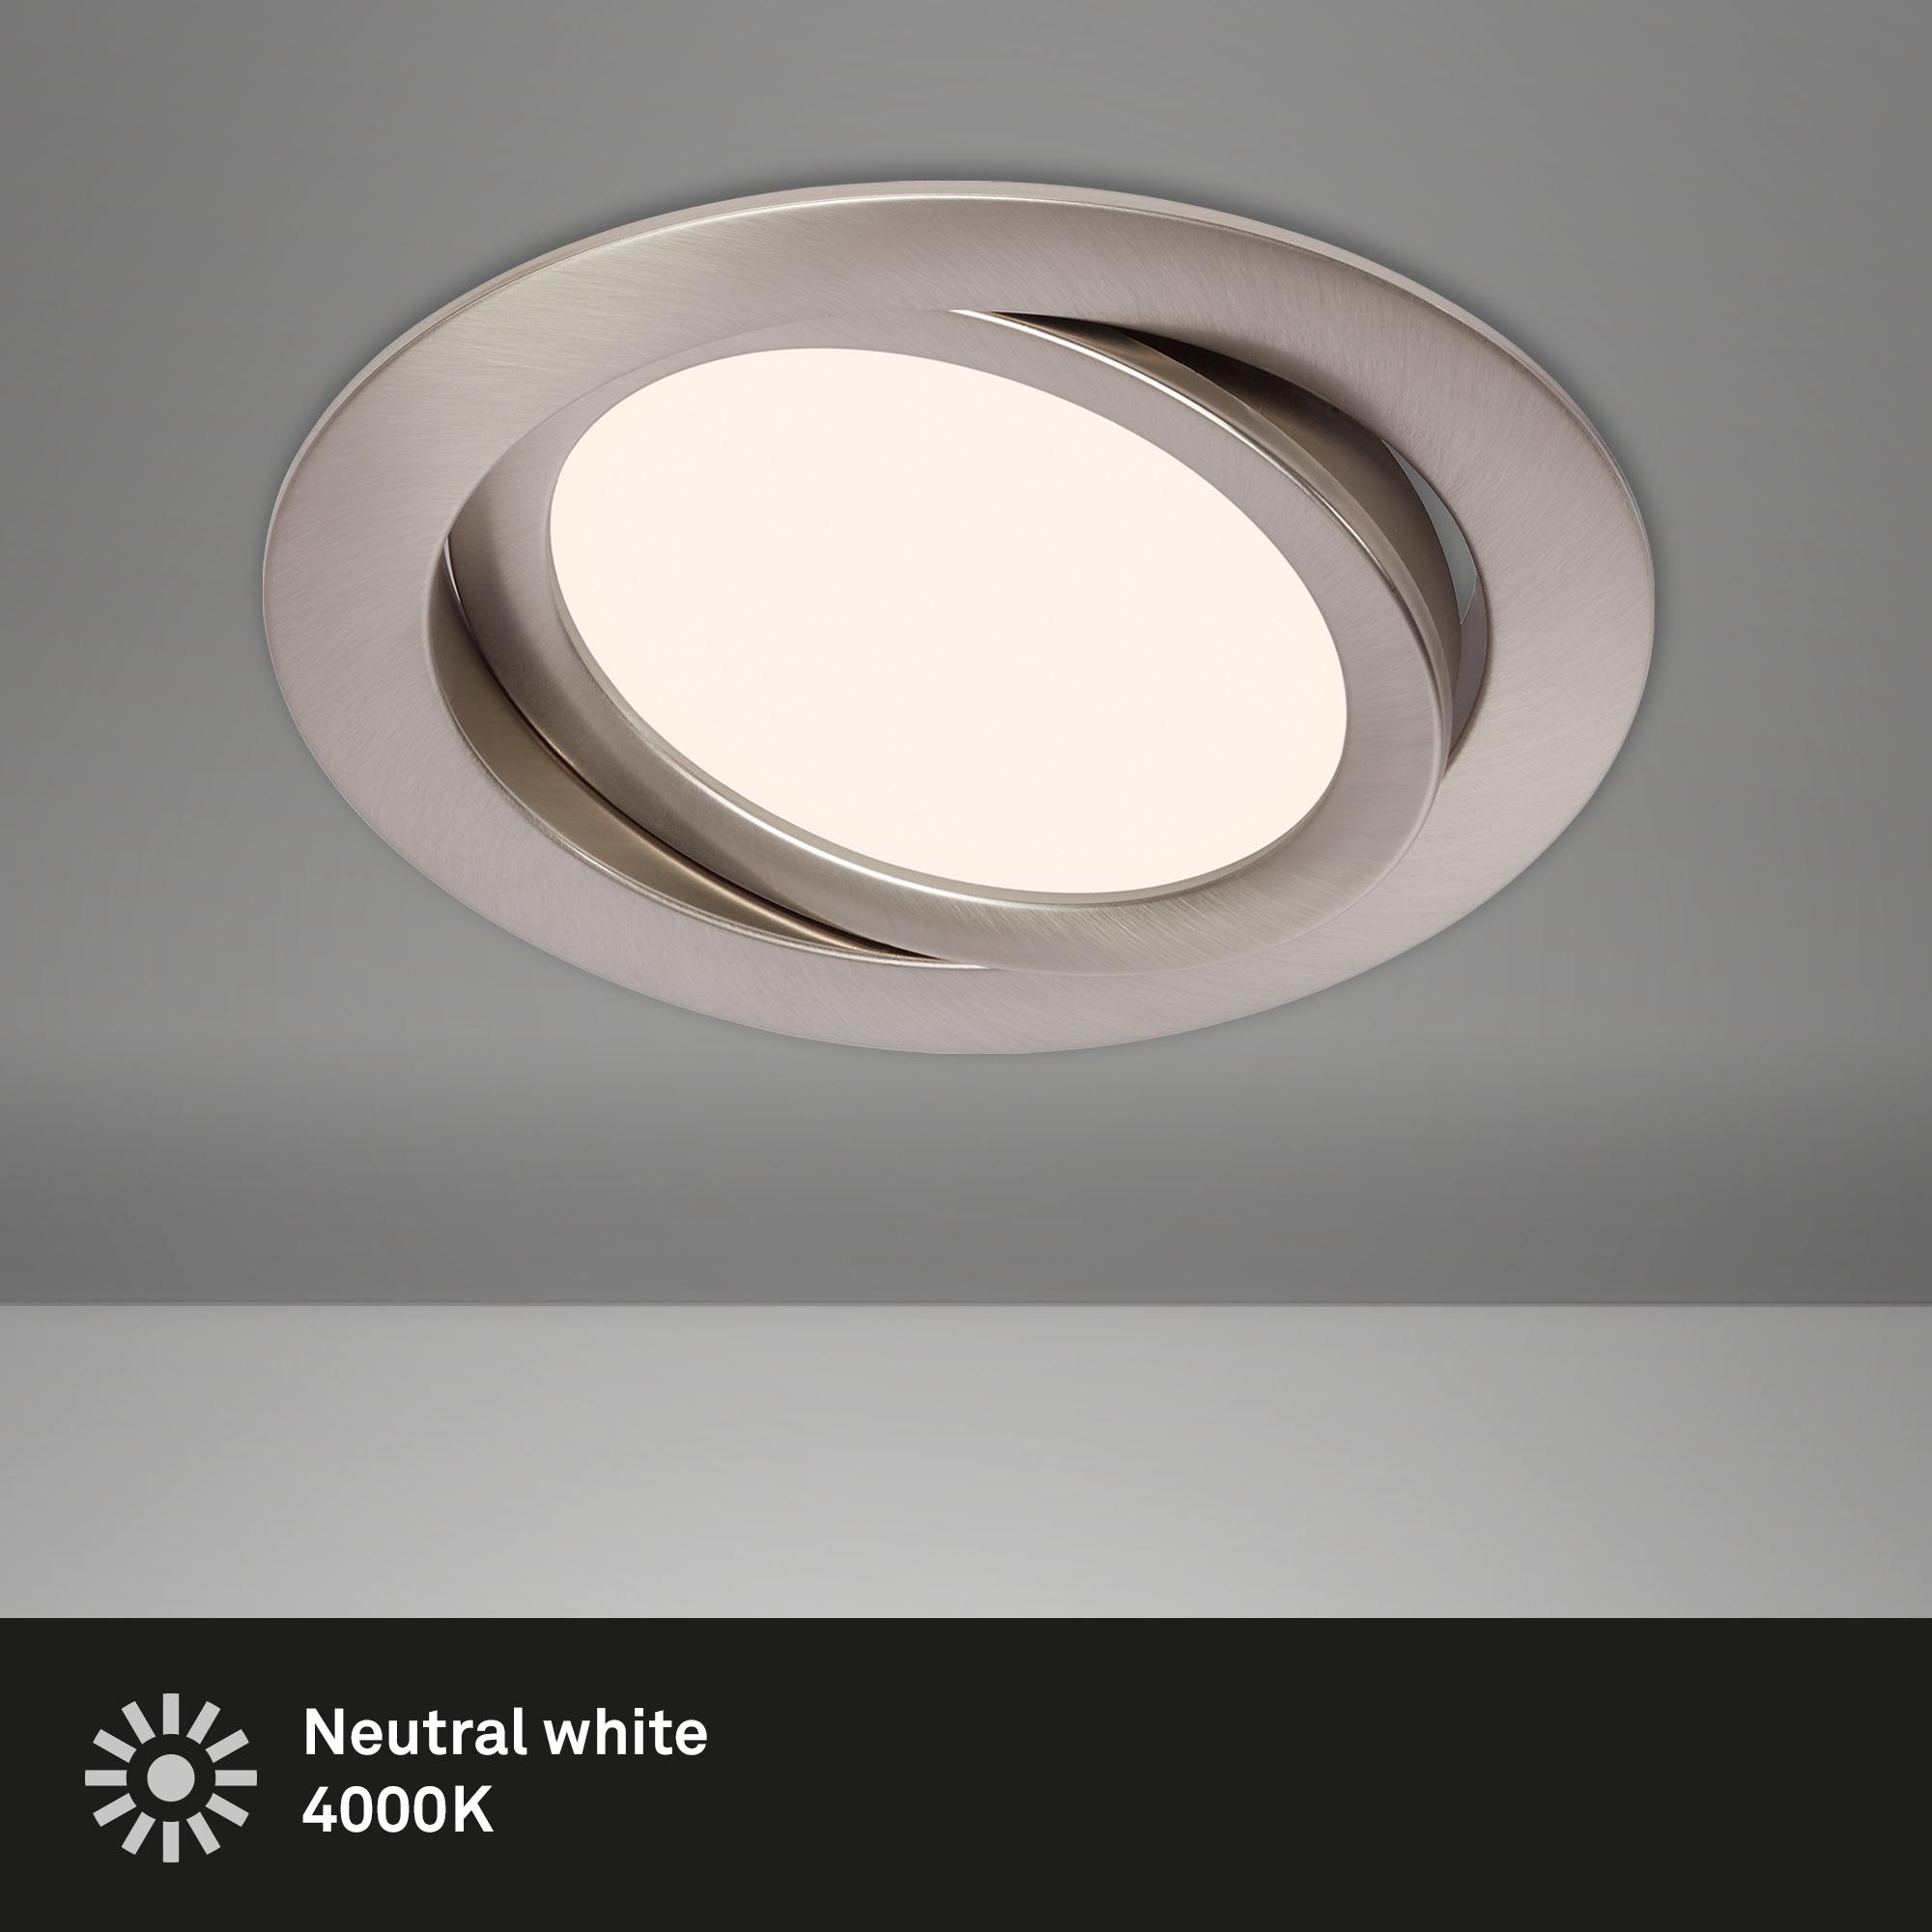 LED Einbauleuchte, Ø 14 cm, 9 W, Matt-Nickel